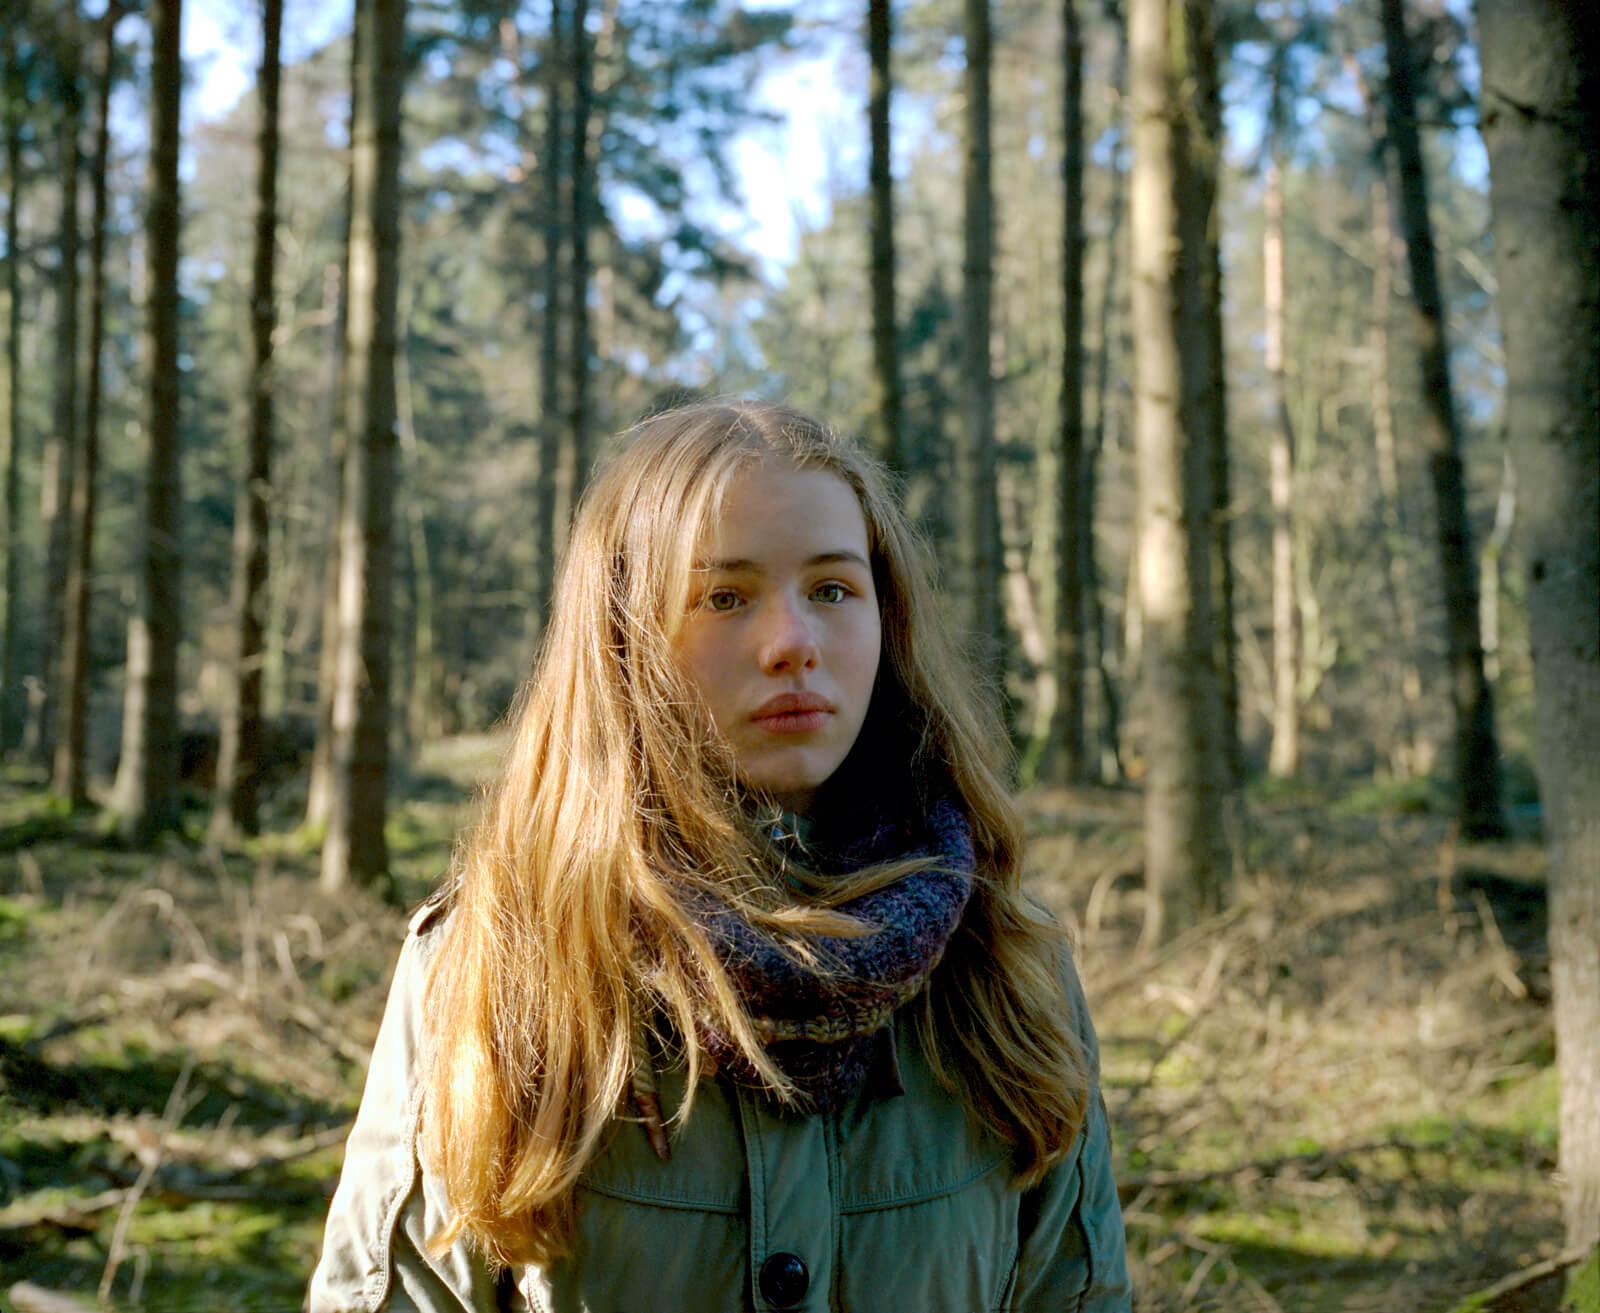 50_woodlandwonderland_13-Kopie